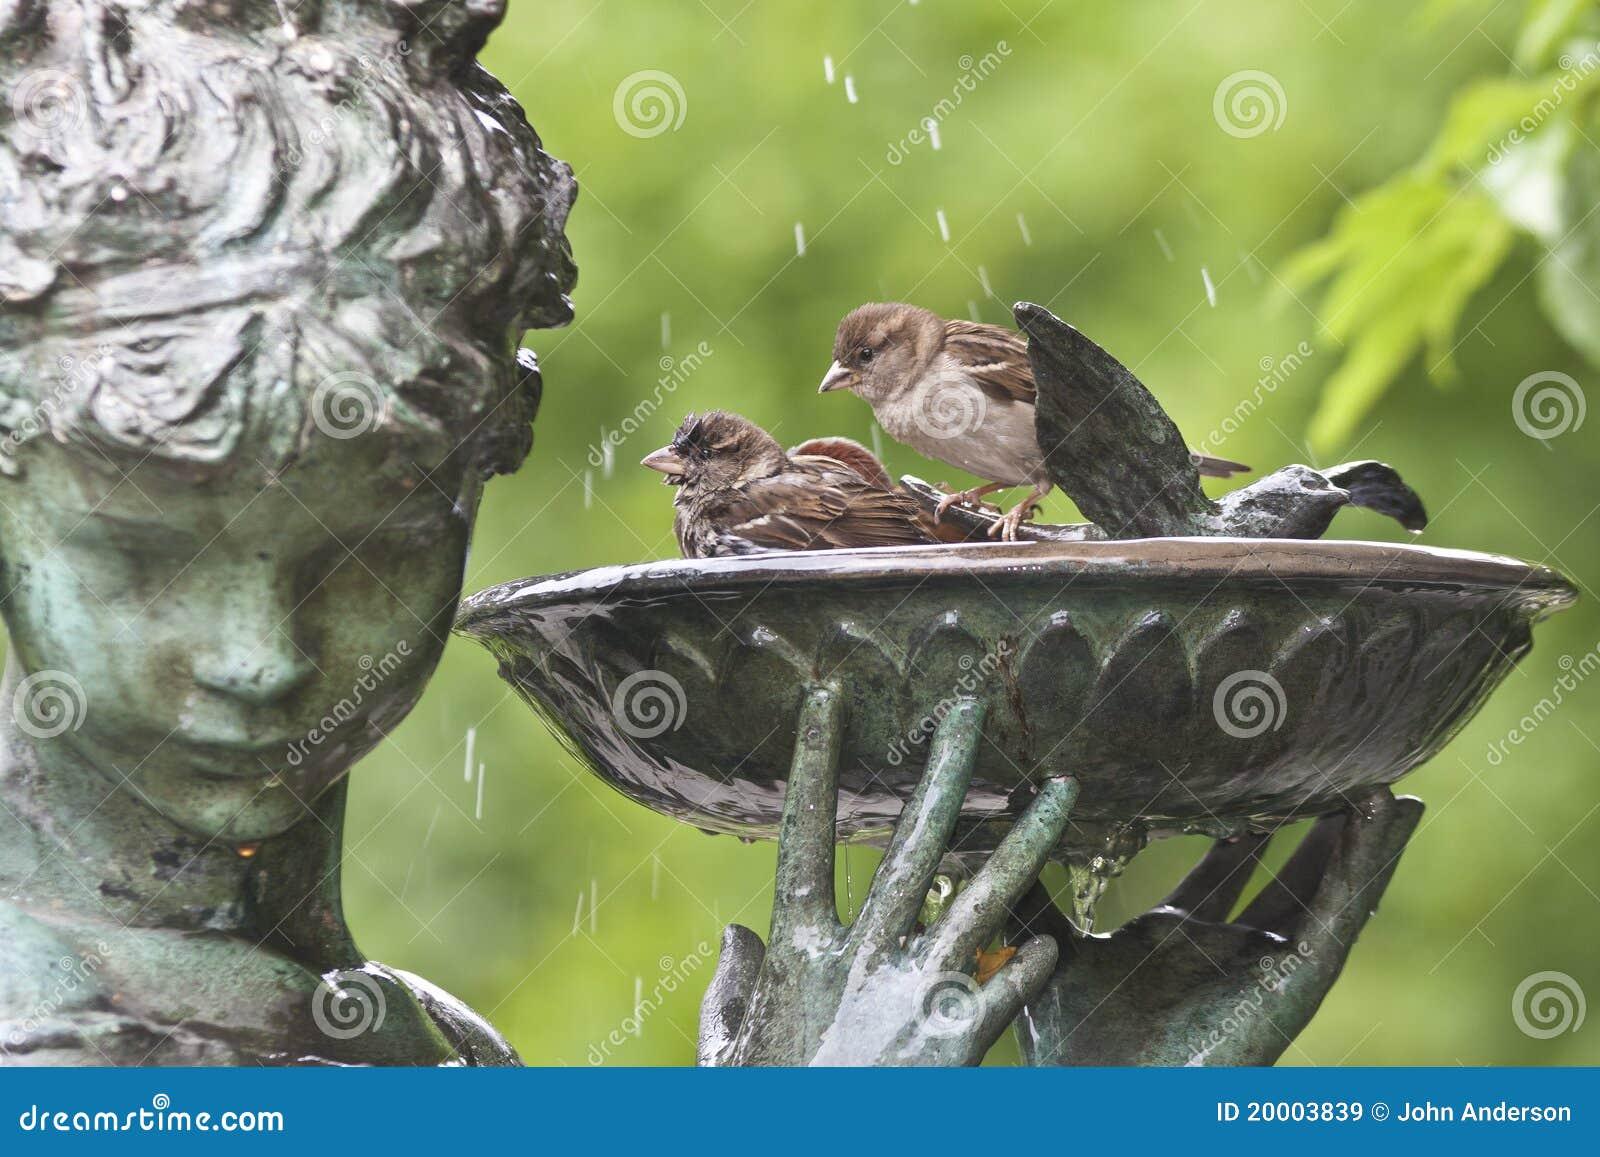 Μεγάλο πουλί σε ένα λίπος μουνί